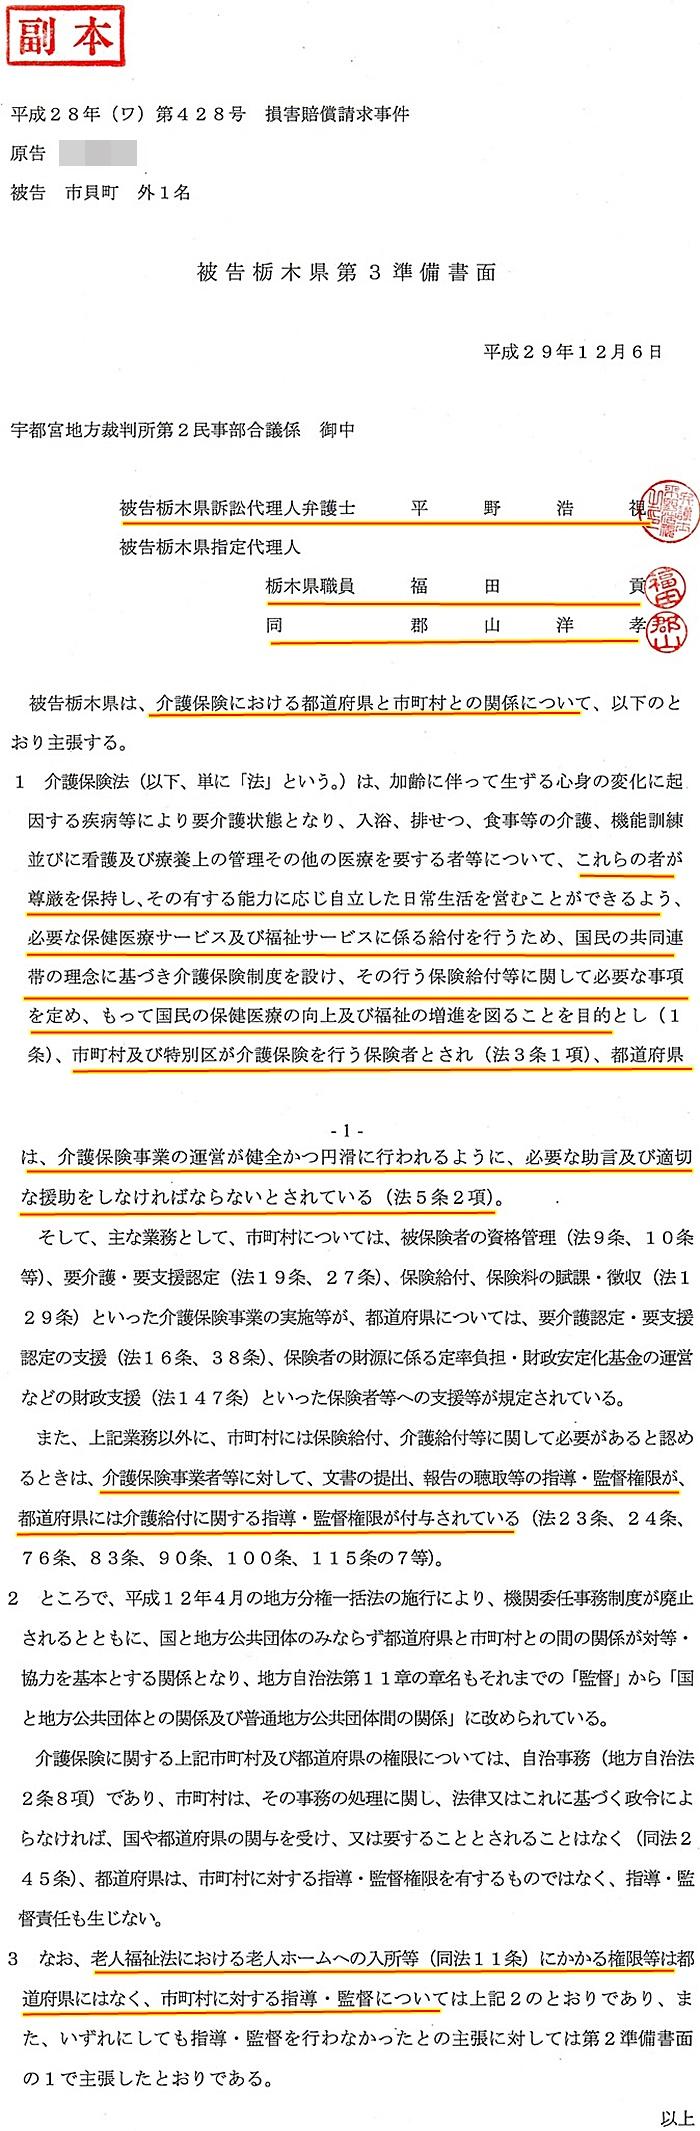 準備書面3 平野浩視弁護士 福田富一知事 栃木県高齢対策課